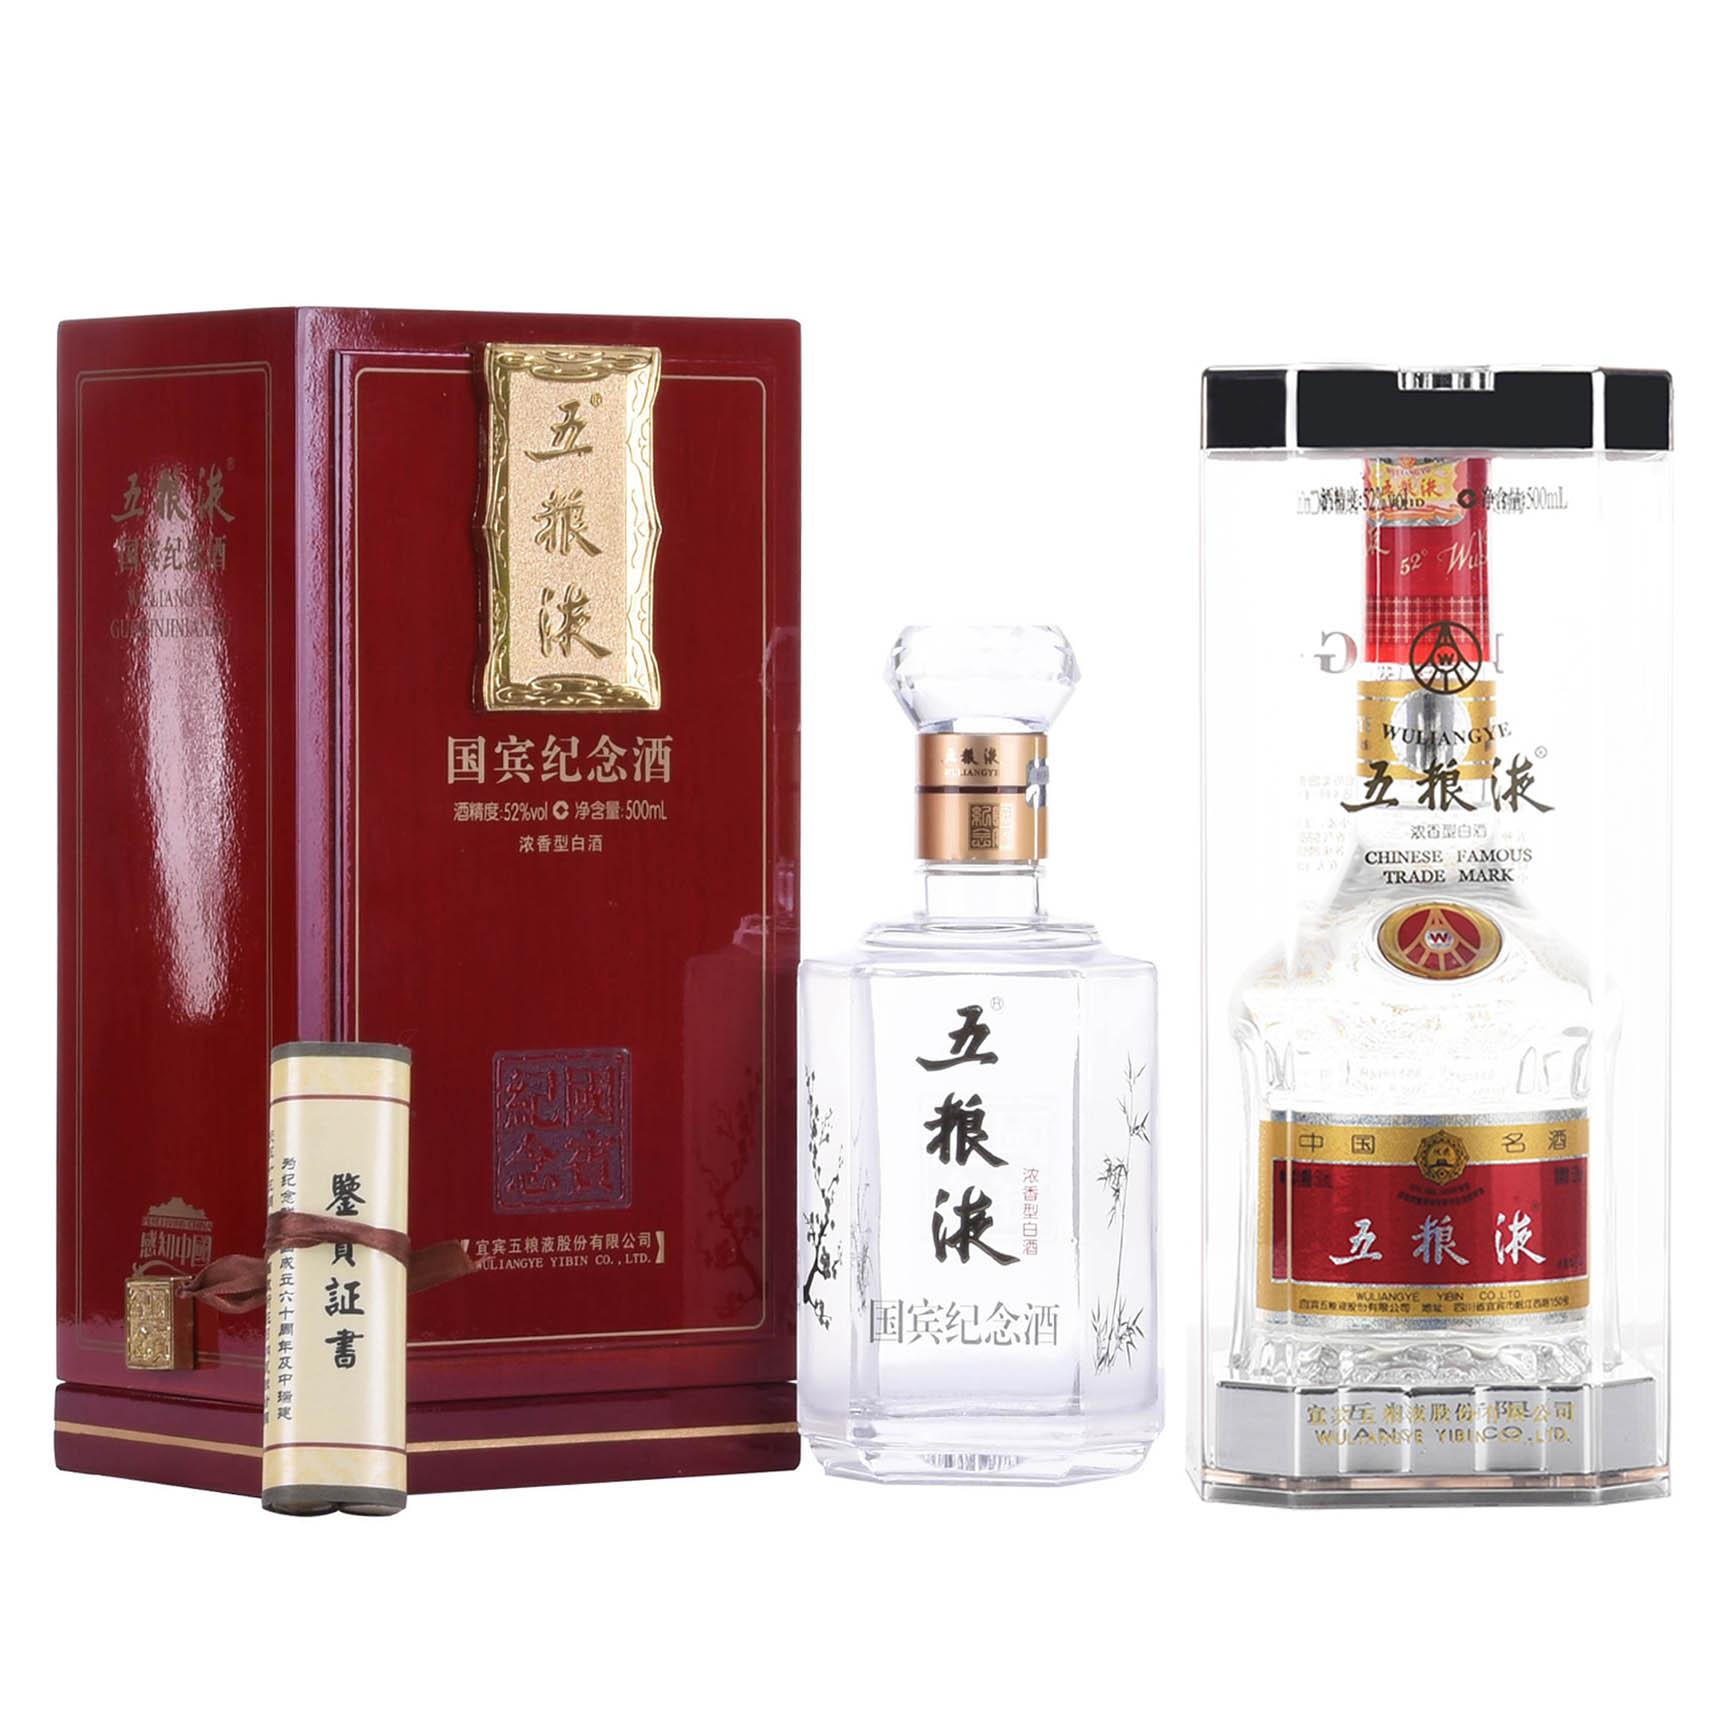 52°五粮液(国宾纪念酒2011年+普五10-17年随机发货)500ml(2瓶装)